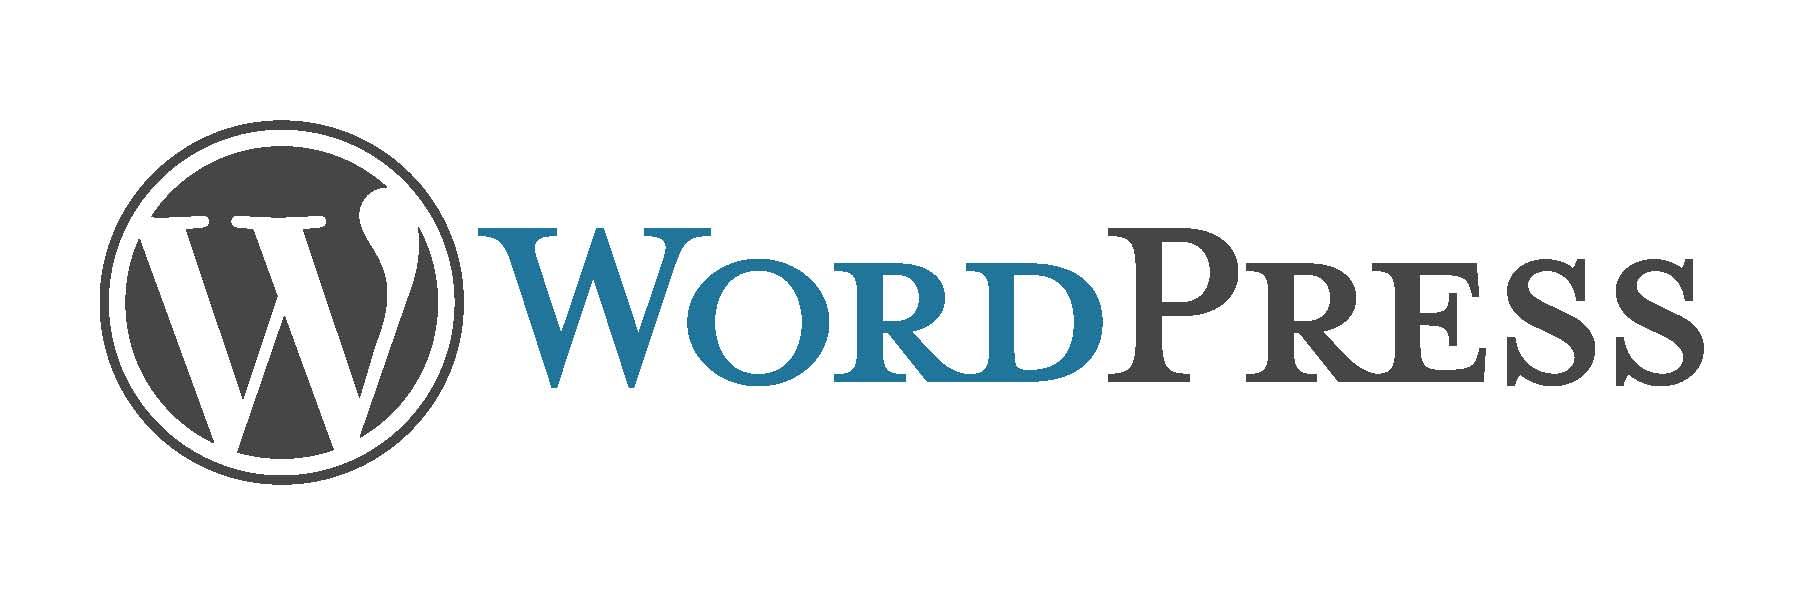 WordPress — лучшая система управления контентом